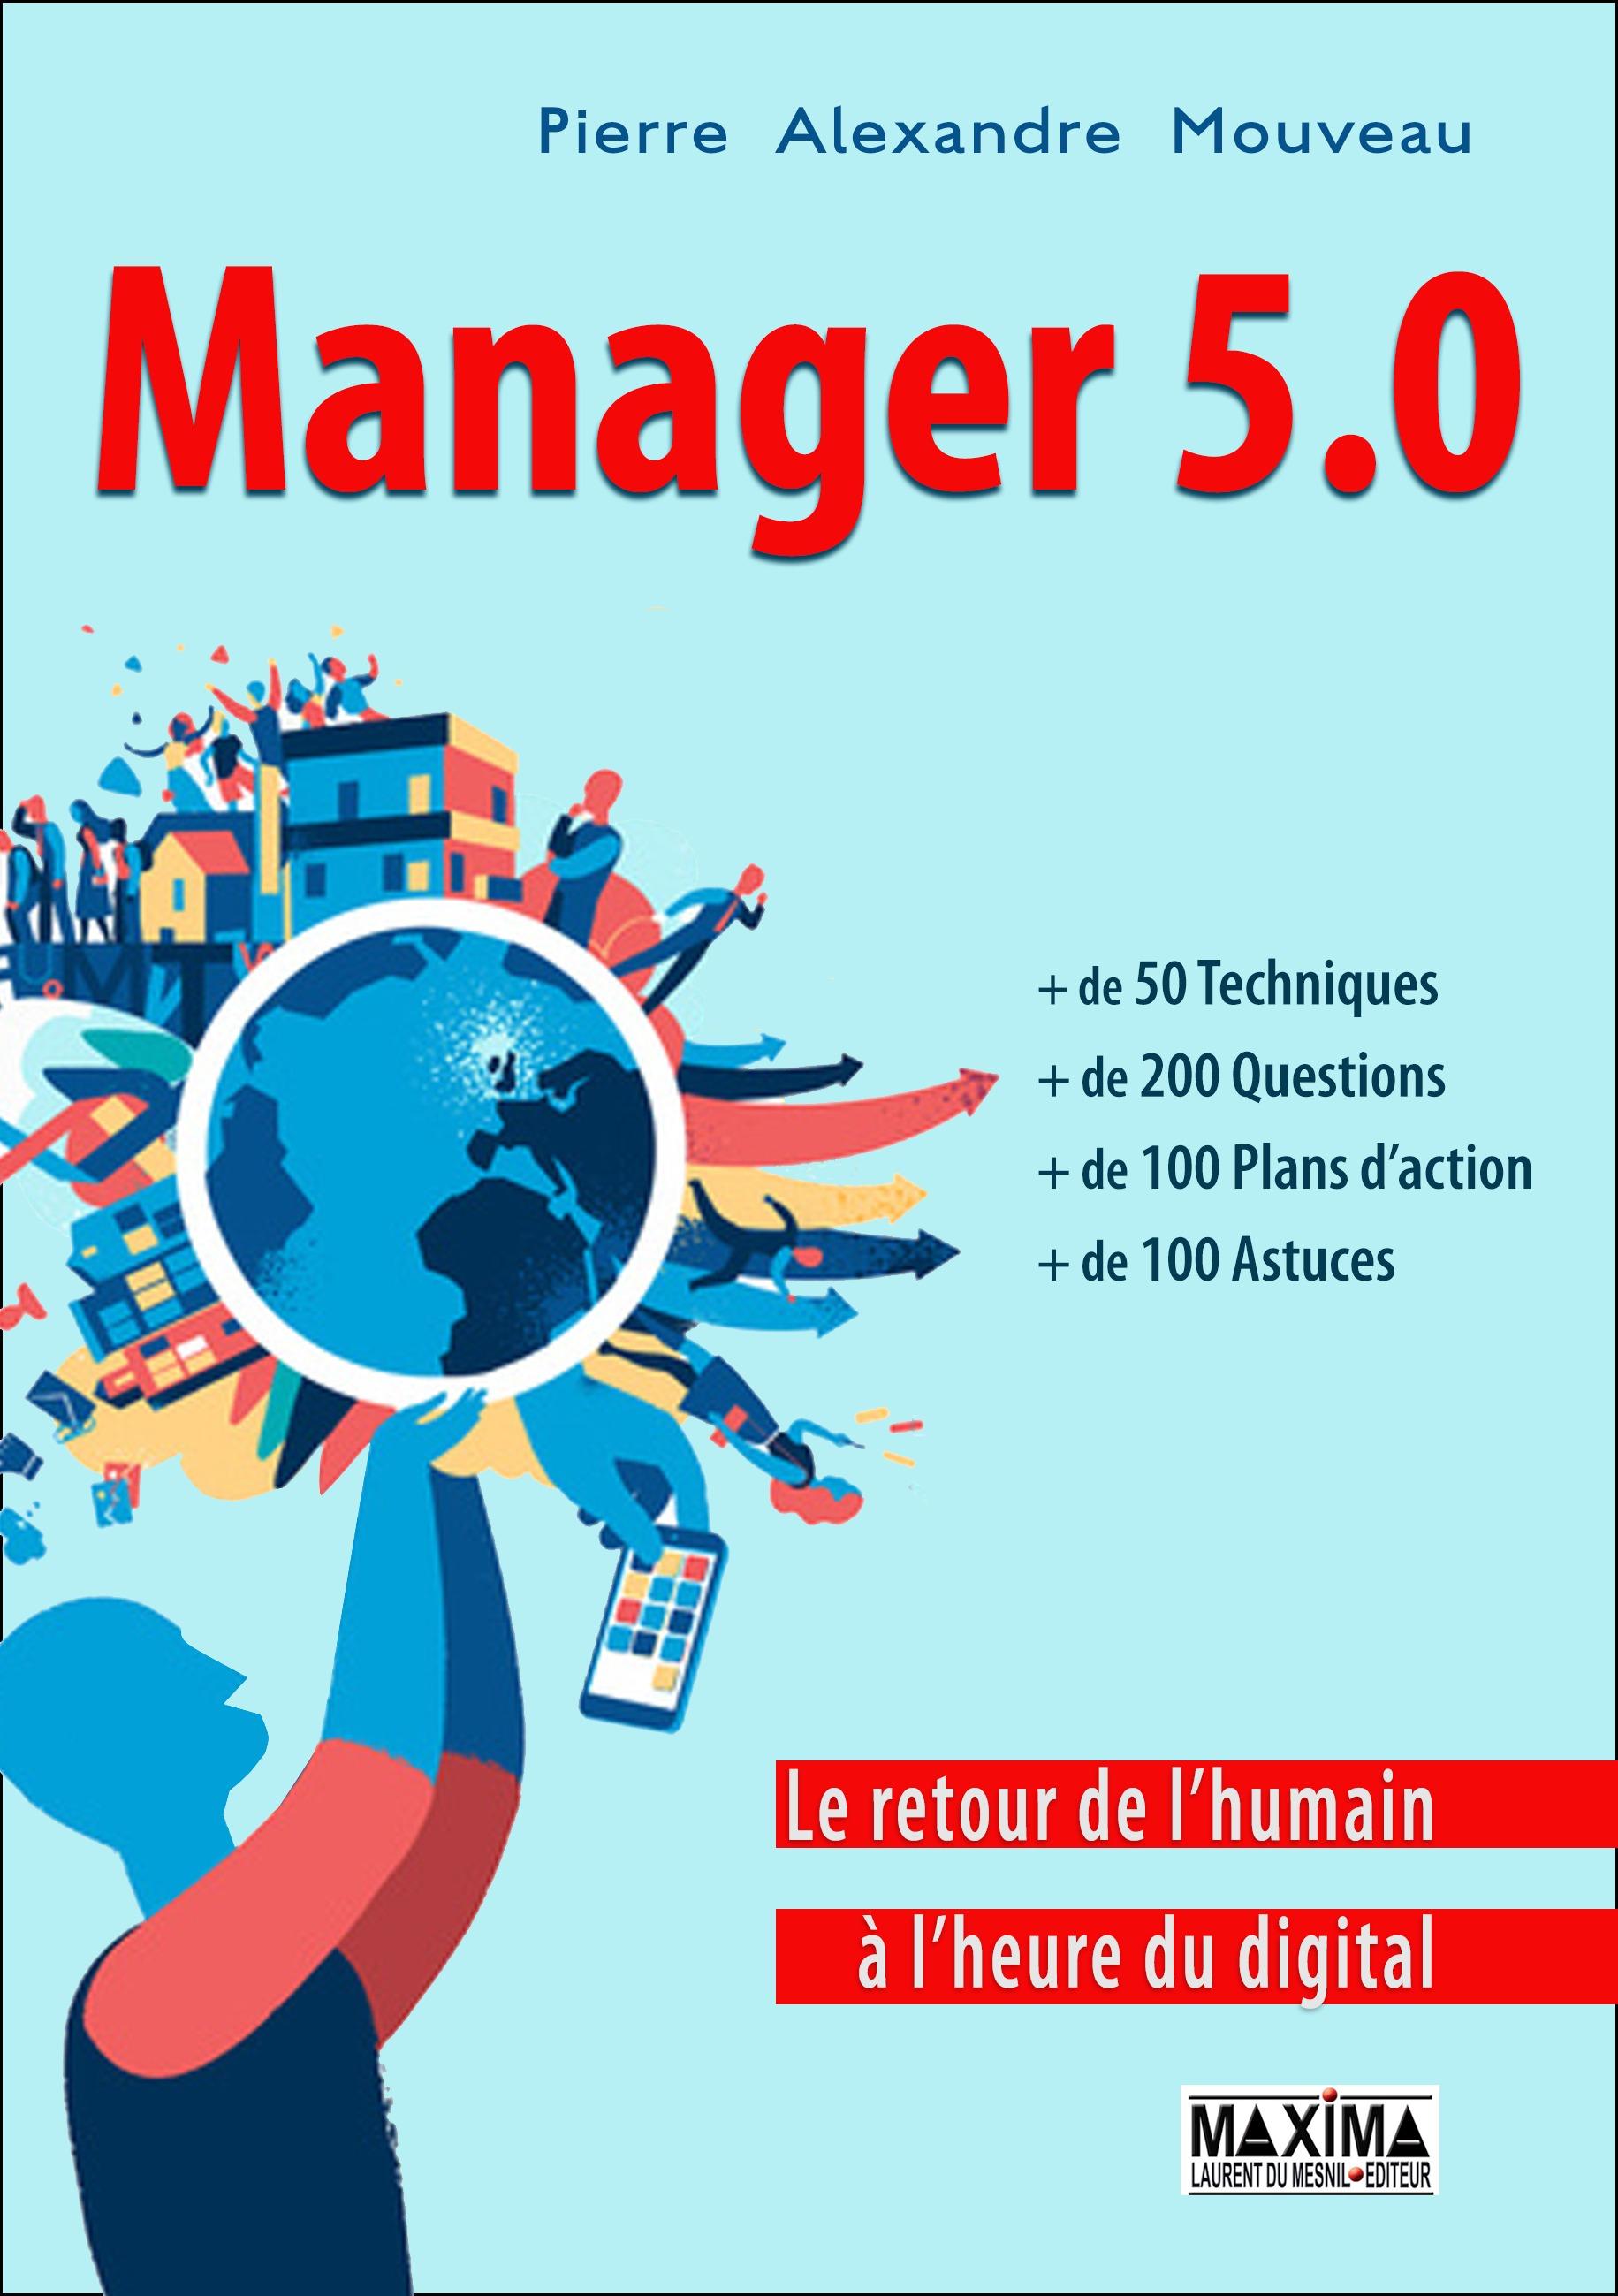 Manager 5.0, LE RETOUR DE L'HUMAIN À L'HEURE DU DIGITAL